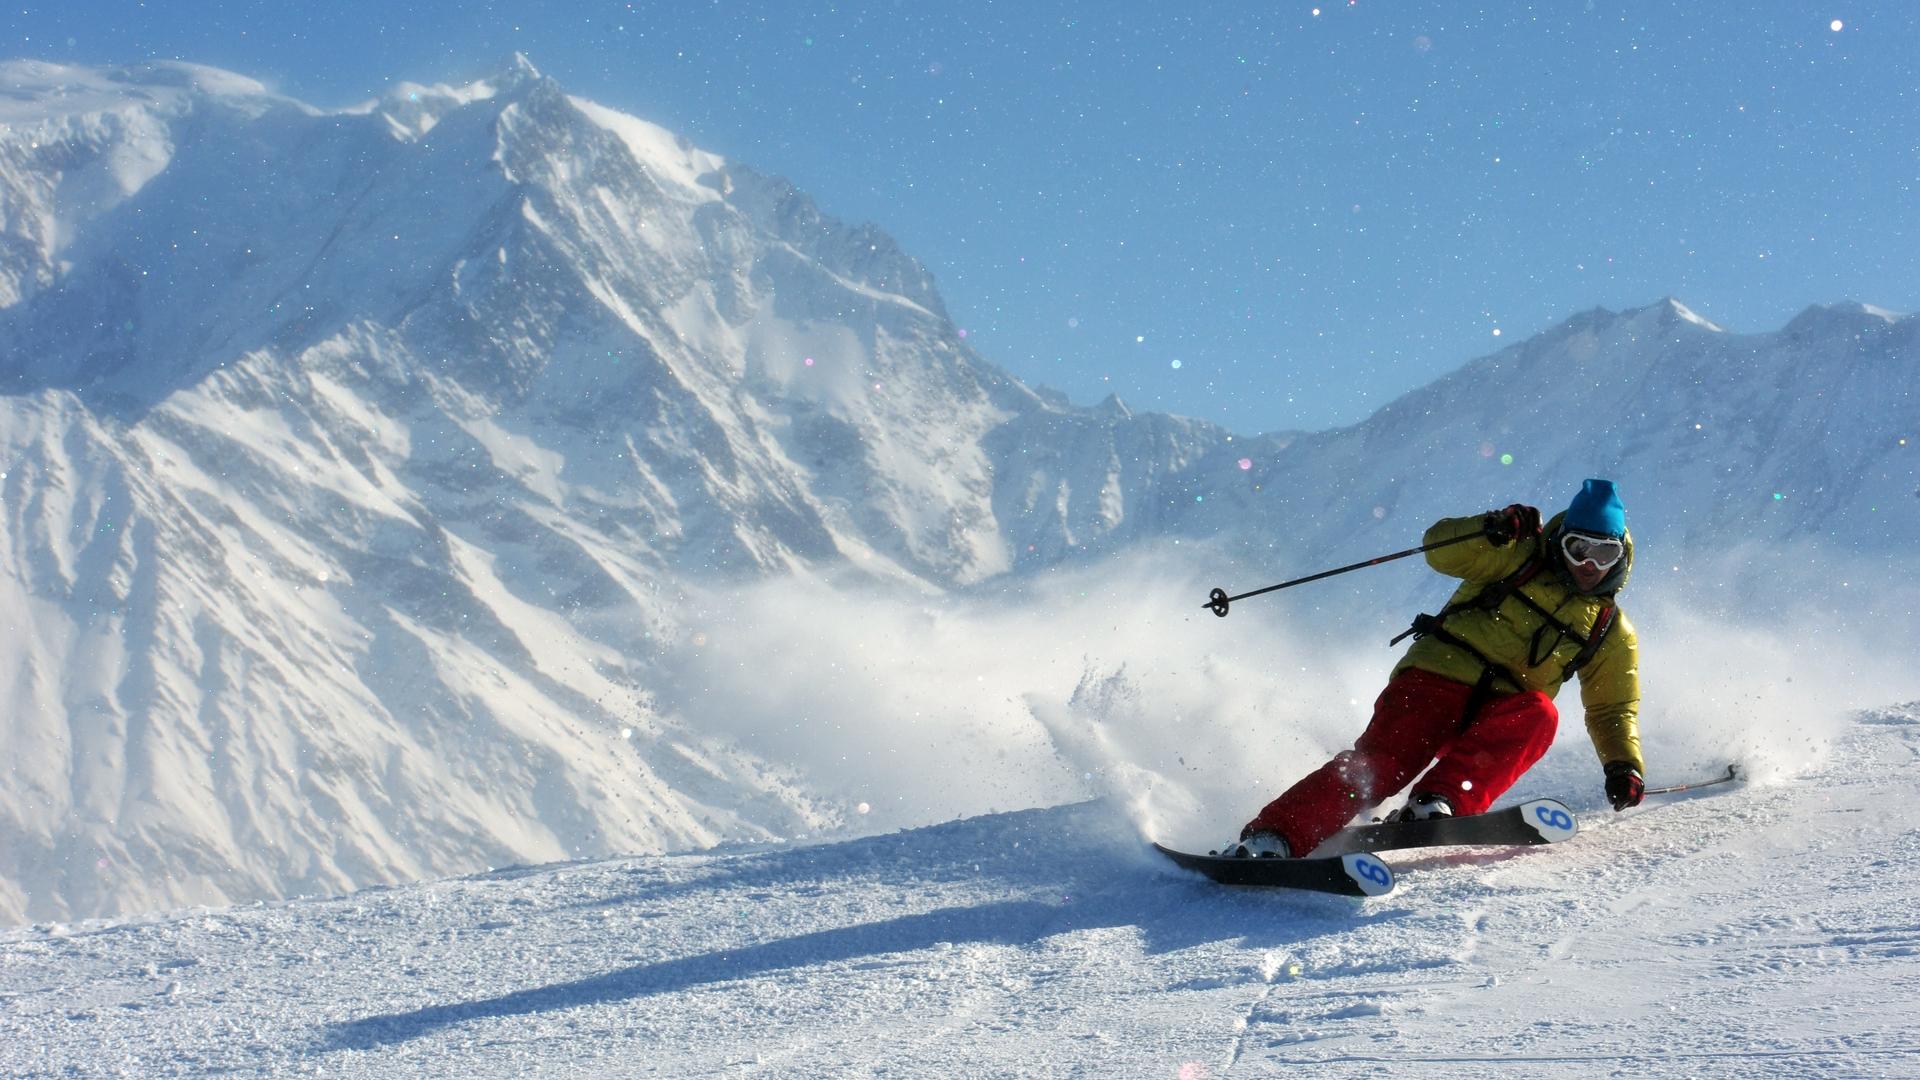 Domaine skiable de Saint-Gervais